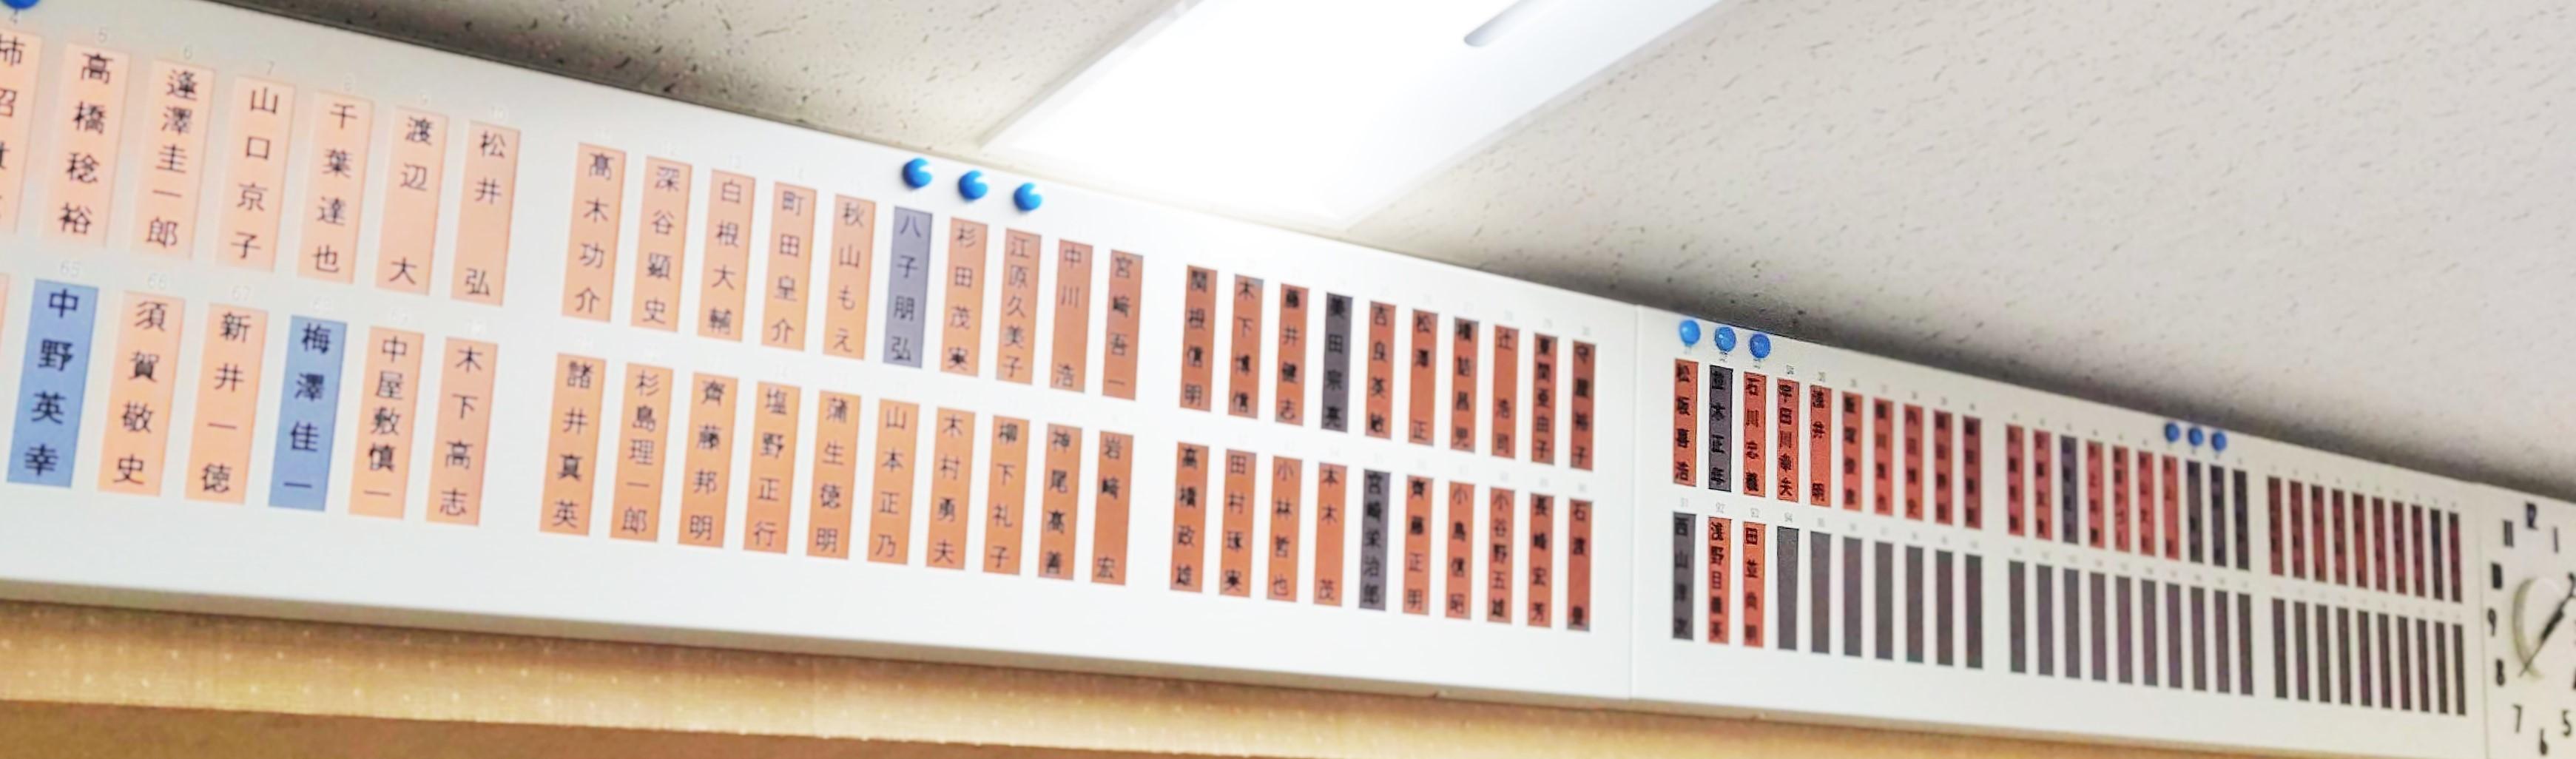 第6日目 R2年度埼玉県議会予算特別委員会 総括質疑_d0084783_10420970.jpg